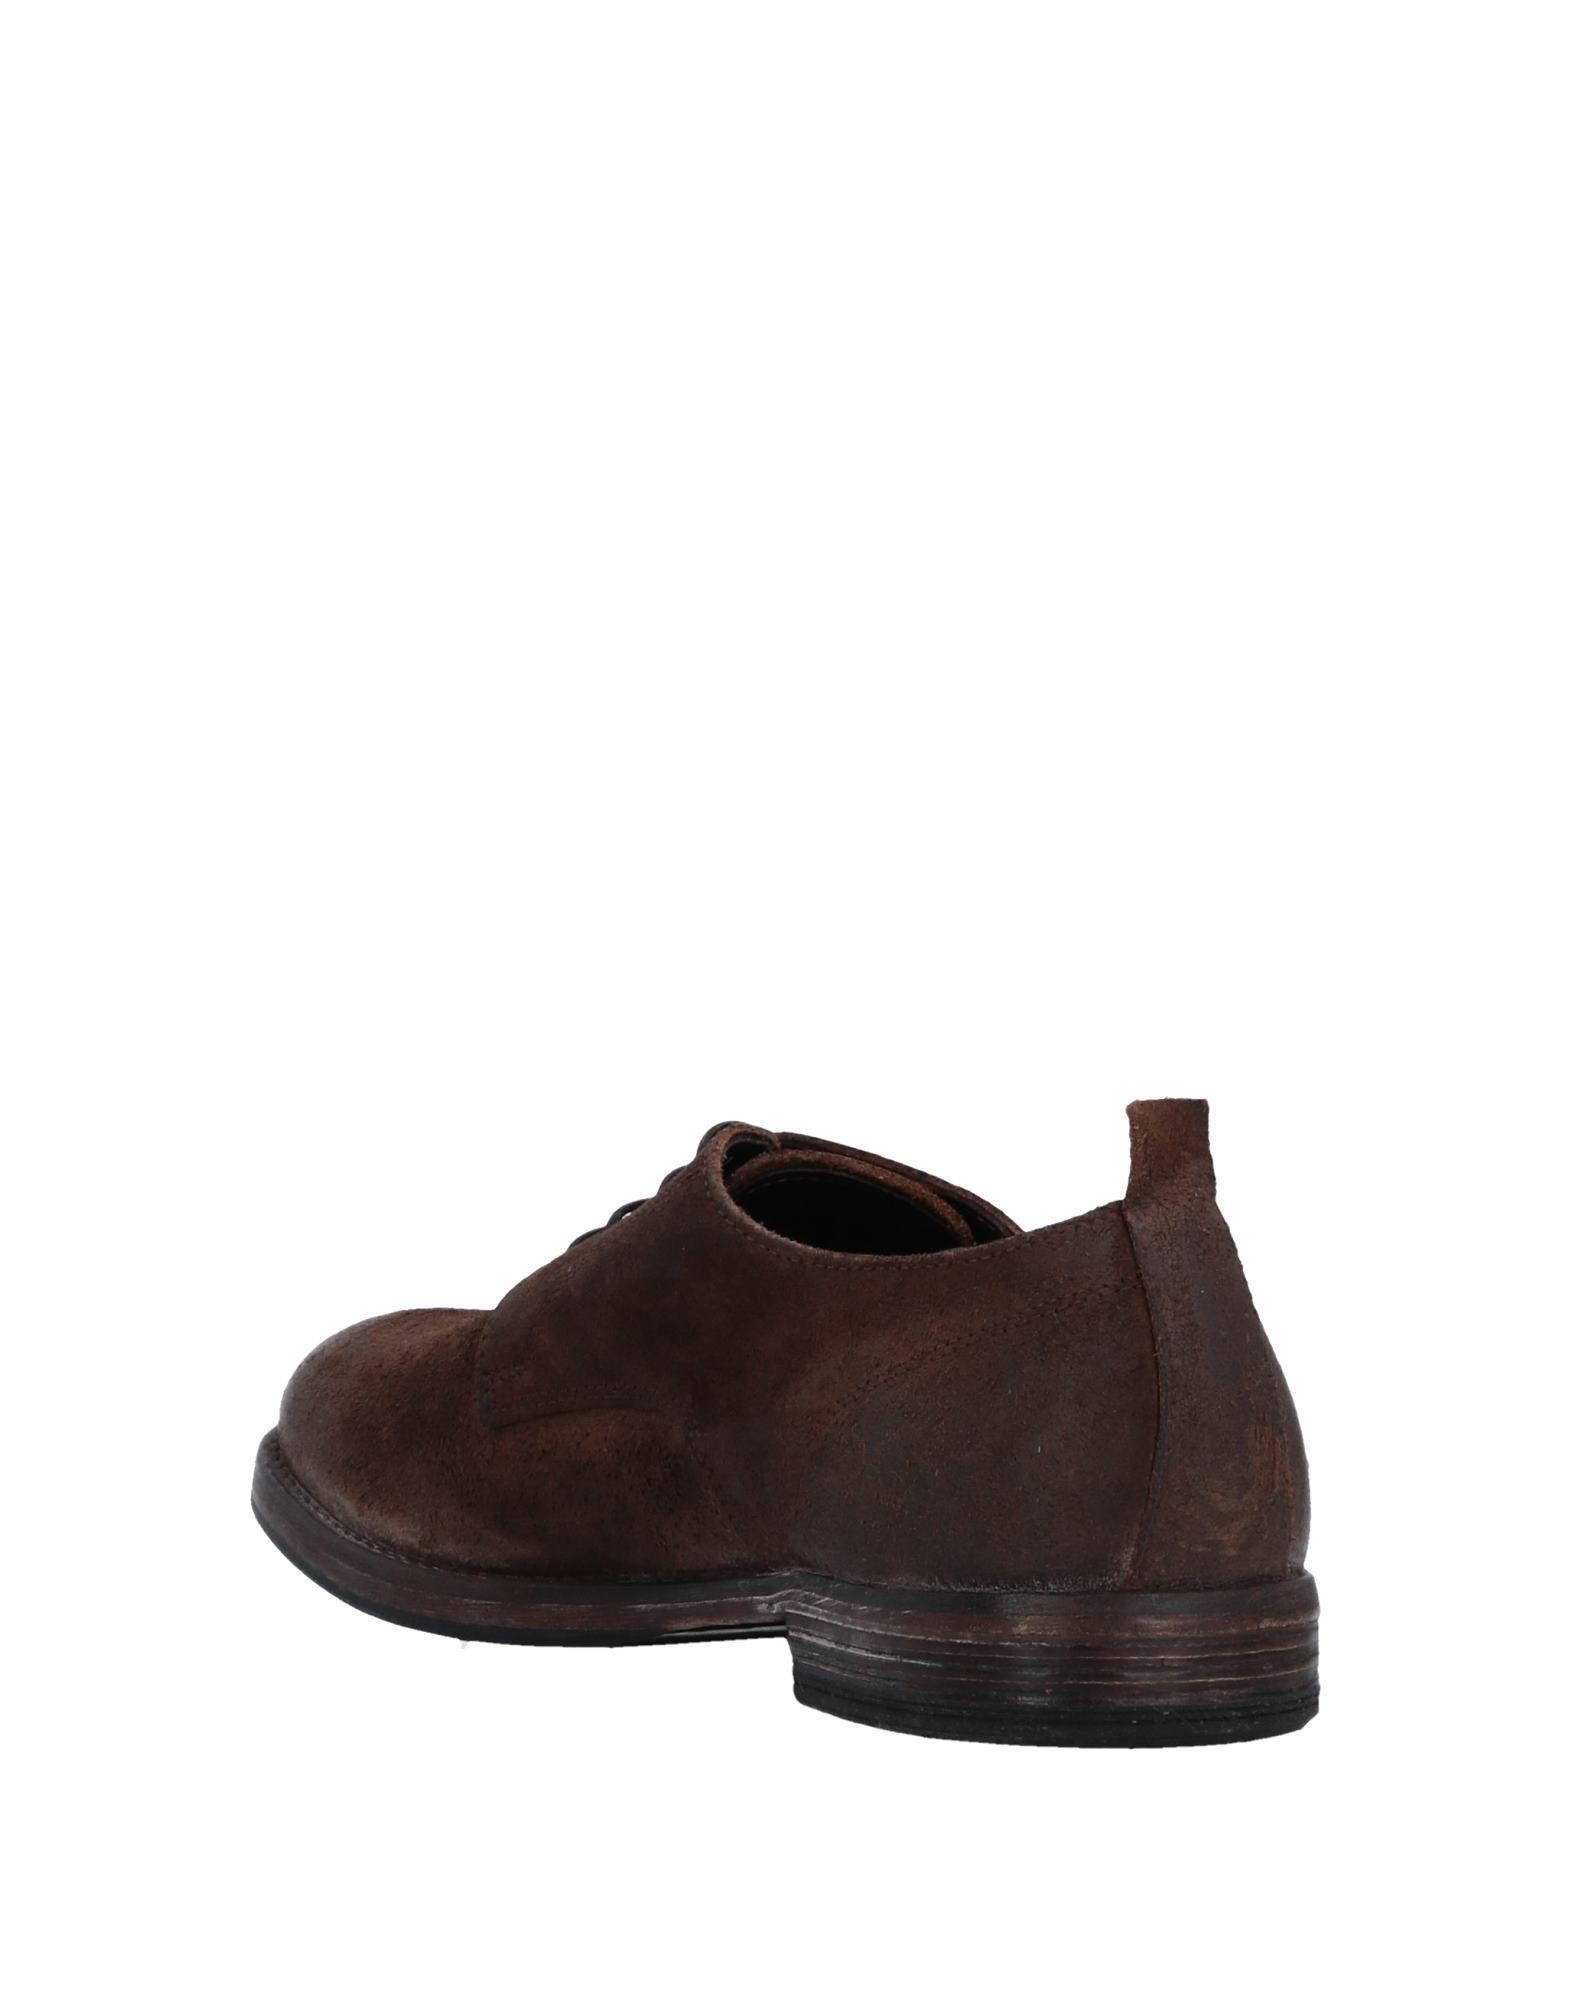 Moma Schnürschuhe Herren  Schuhe 11516642NO Gute Qualität beliebte Schuhe  3e0820